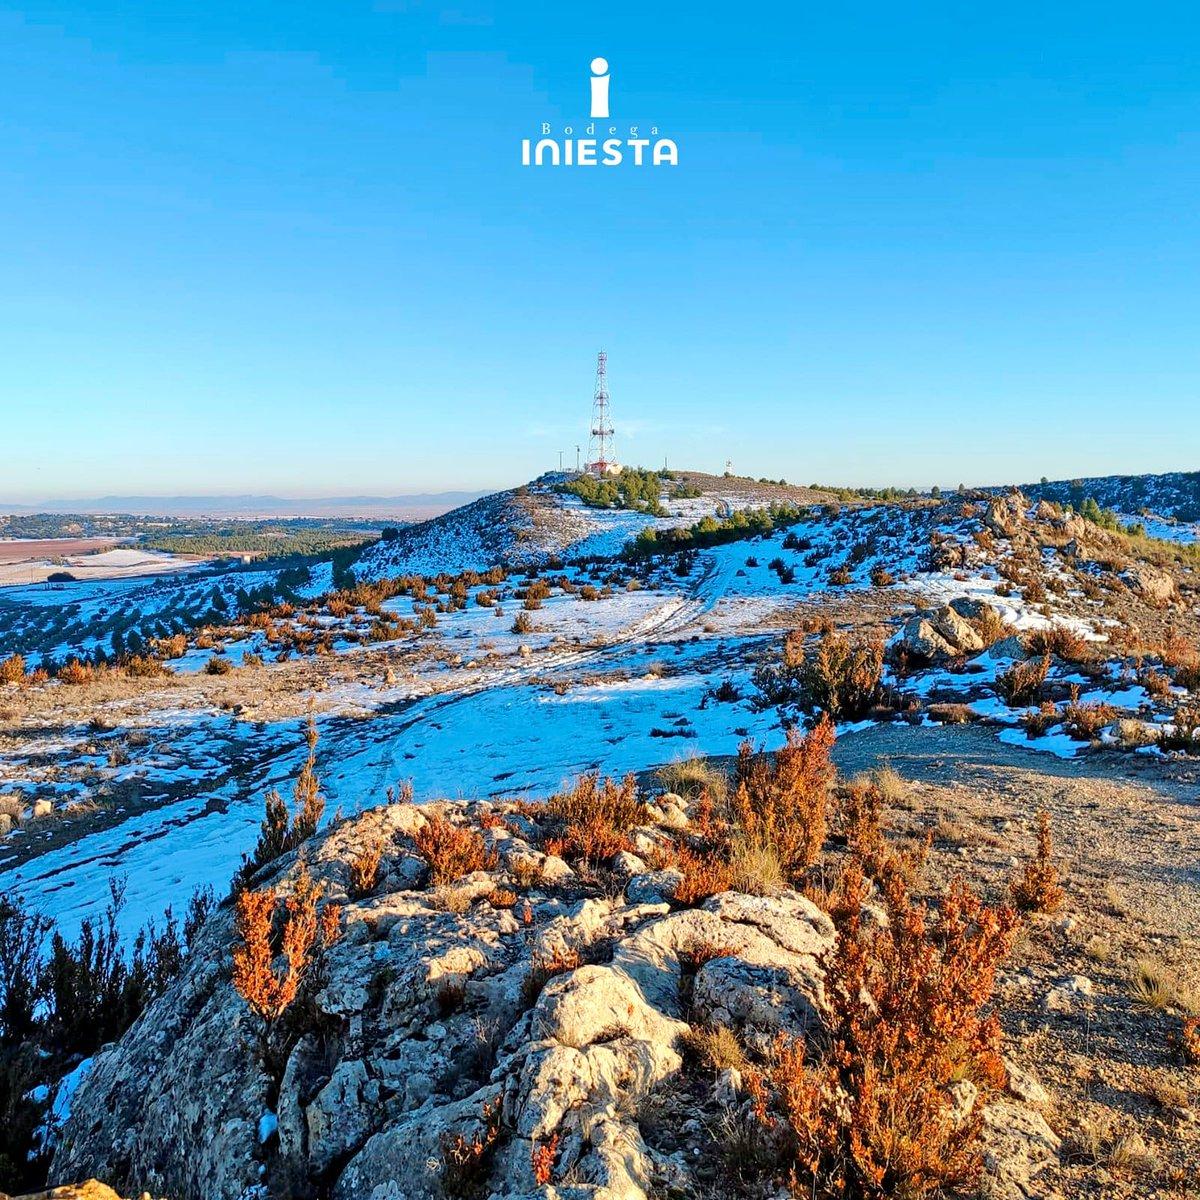 La nieve de la borrasca #Filomena se resiste a abandonarnos🥶 Más de una semana después las laderas del cerro del Águila en Fuentealbilla siguen cubiertas de nieve. Este es uno de los puntos más altos de la zona desde donde se pueden divisar la amplia llanura que nos rodea💙